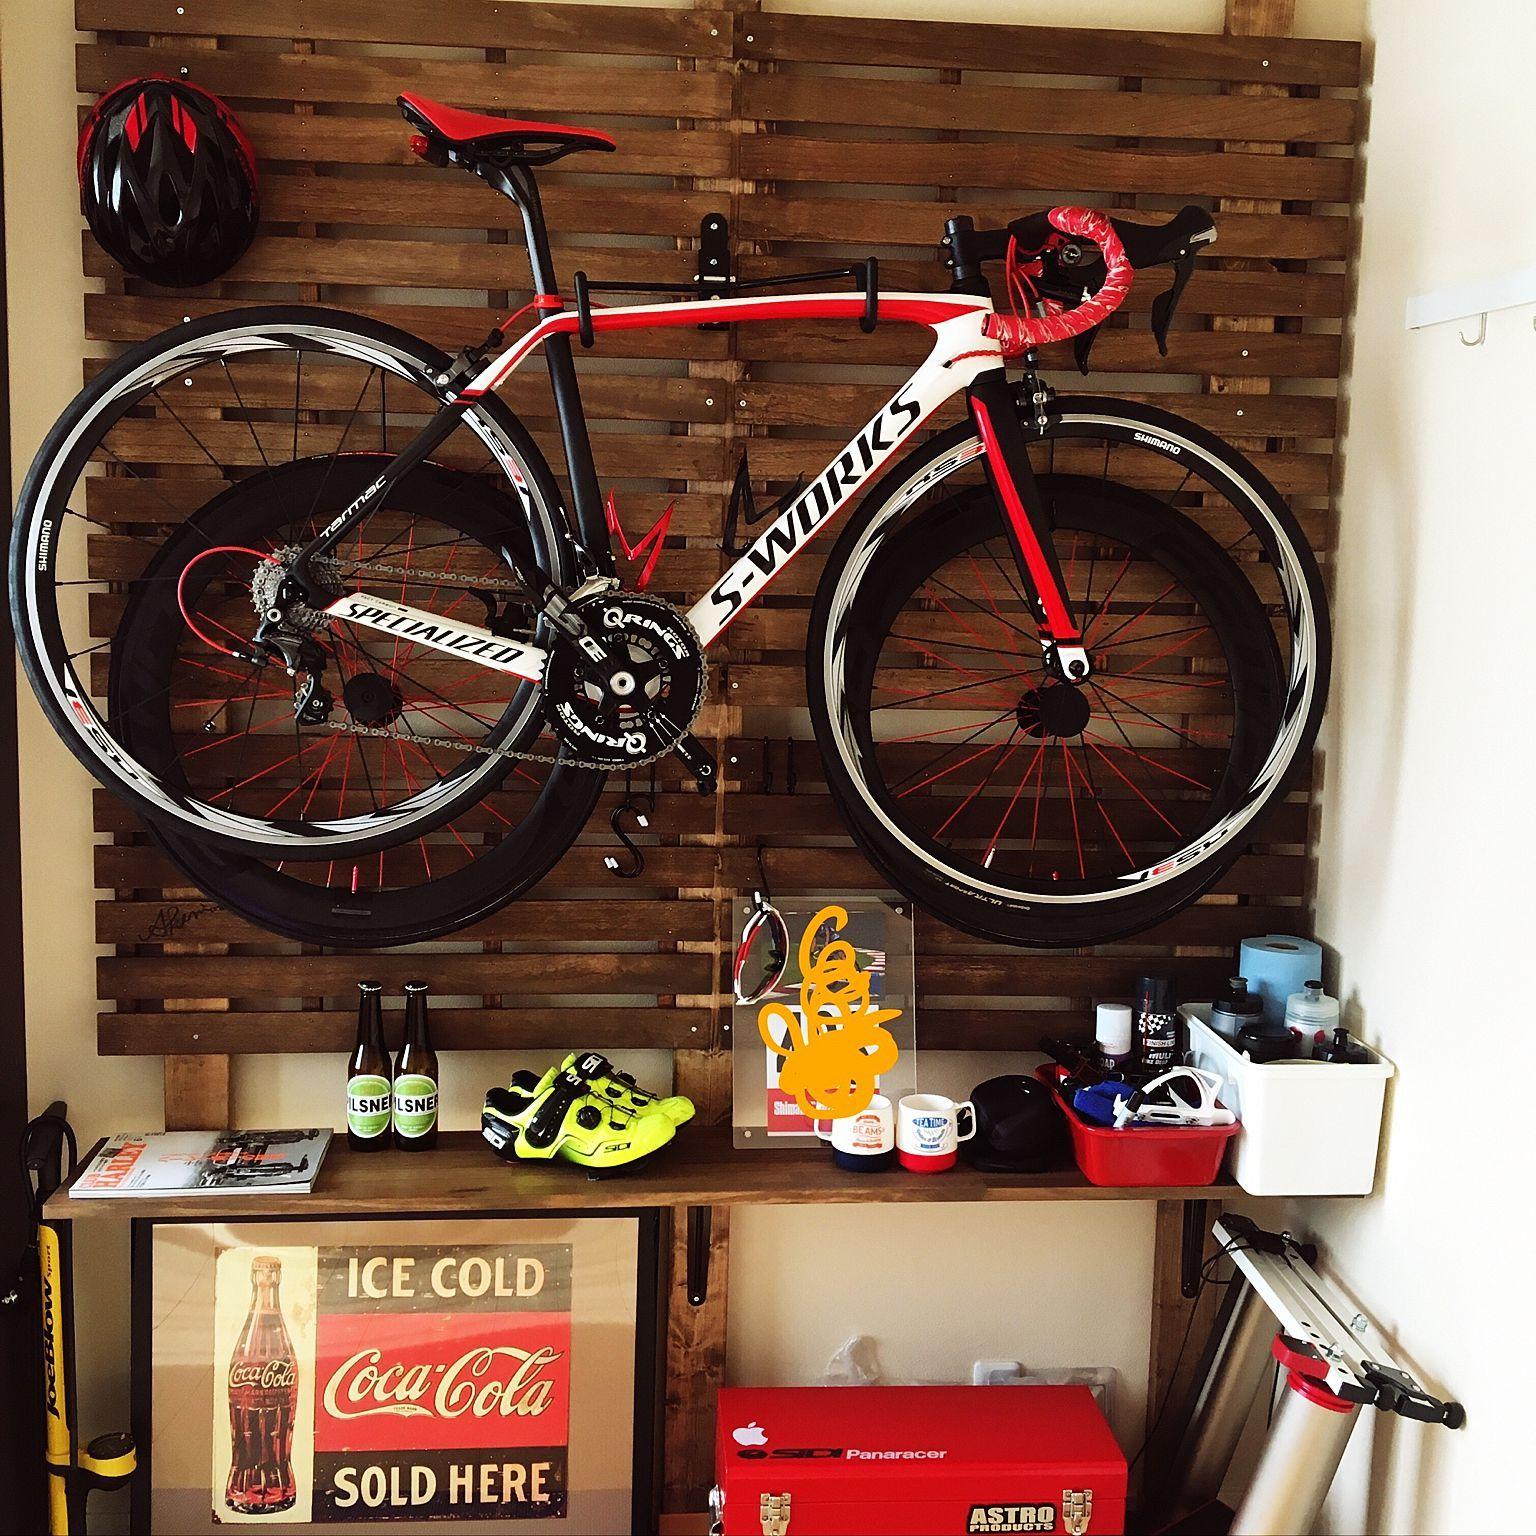 工具箱セット ロードバイク 壁 天井 Diy 自転車コーナー などの